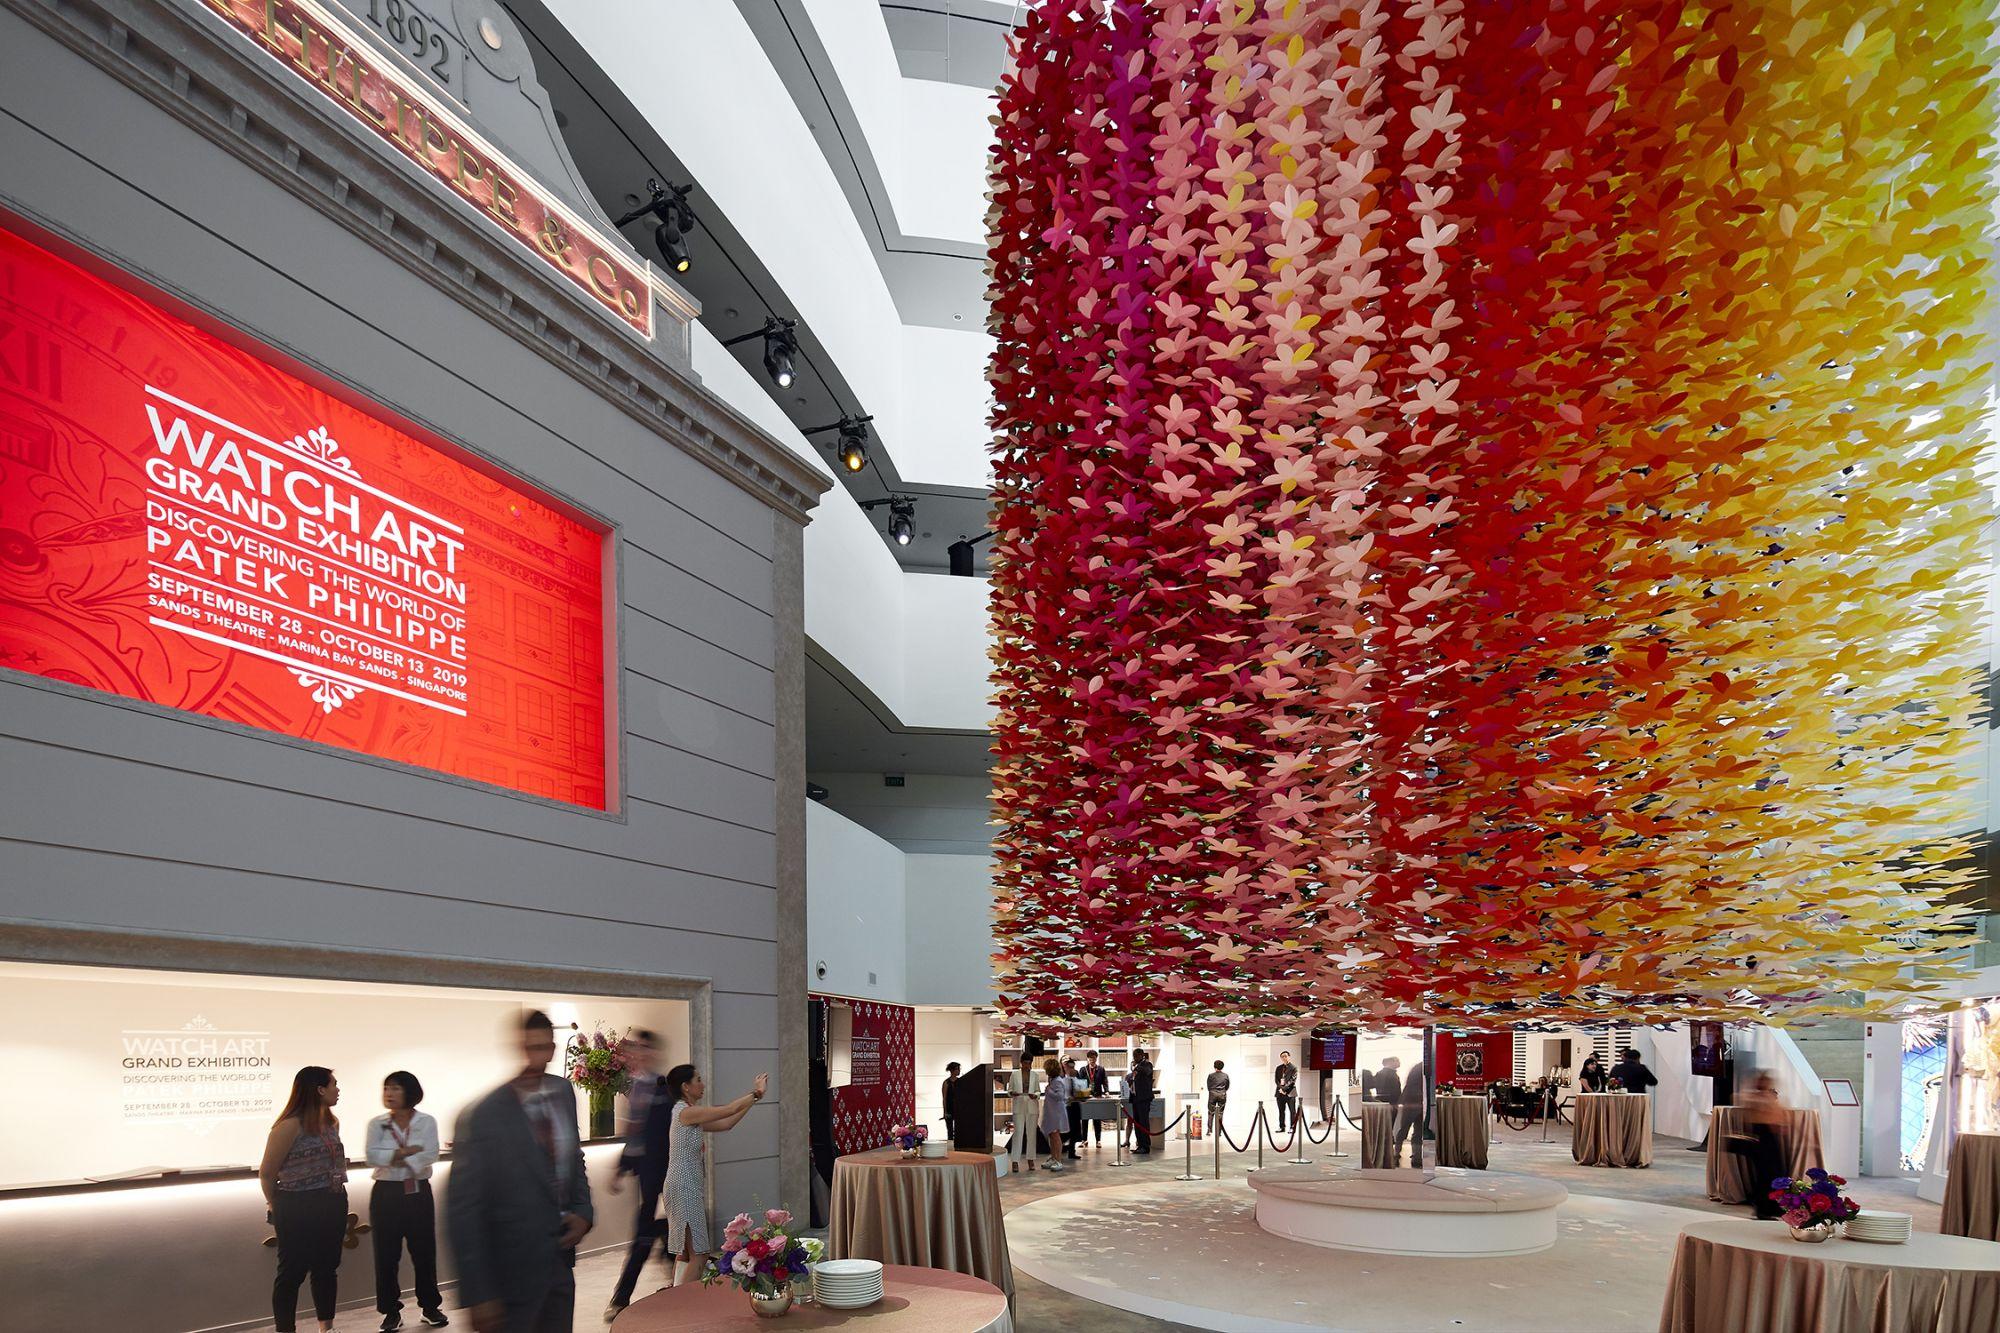 史上最大、 10 個主題展廳、開埠 200 周年,「2019 年新加坡鐘錶藝術大型展覽」一場空前絕後的鐘錶藝術盛宴!